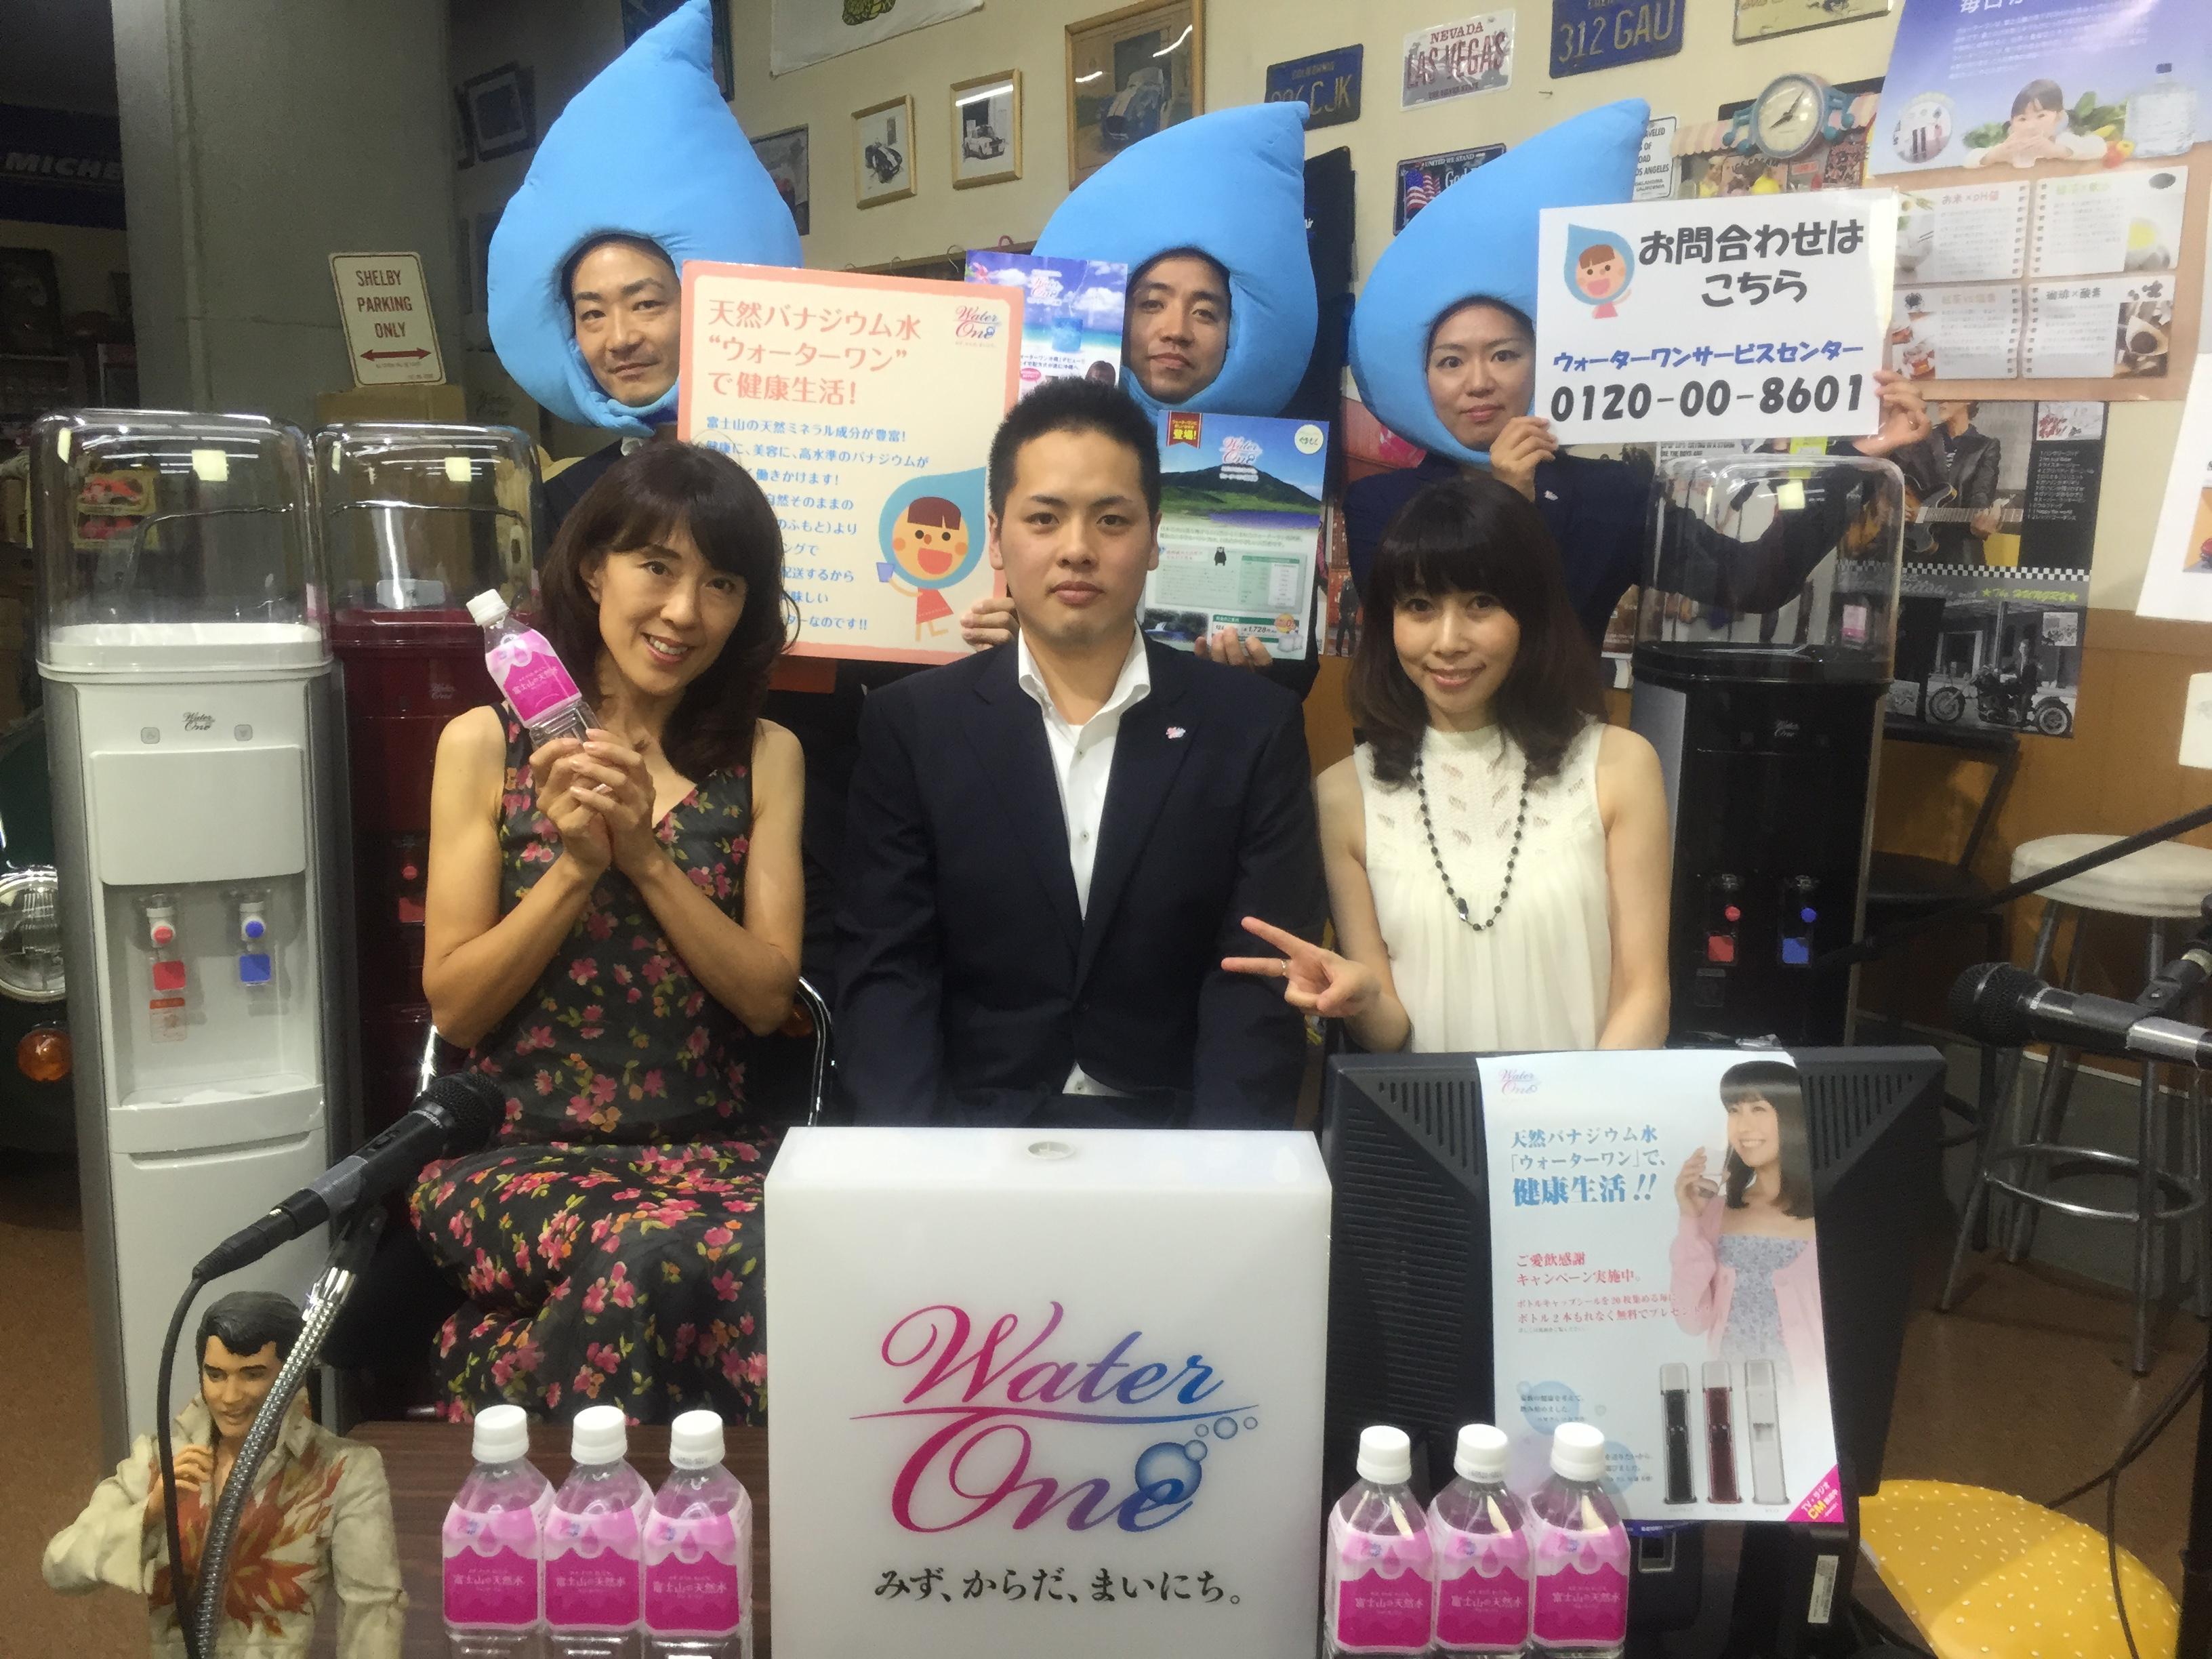 『片岡聖子のノッてるTV~ナニ観てんだよ!』#3(2015年06月25日放送分)